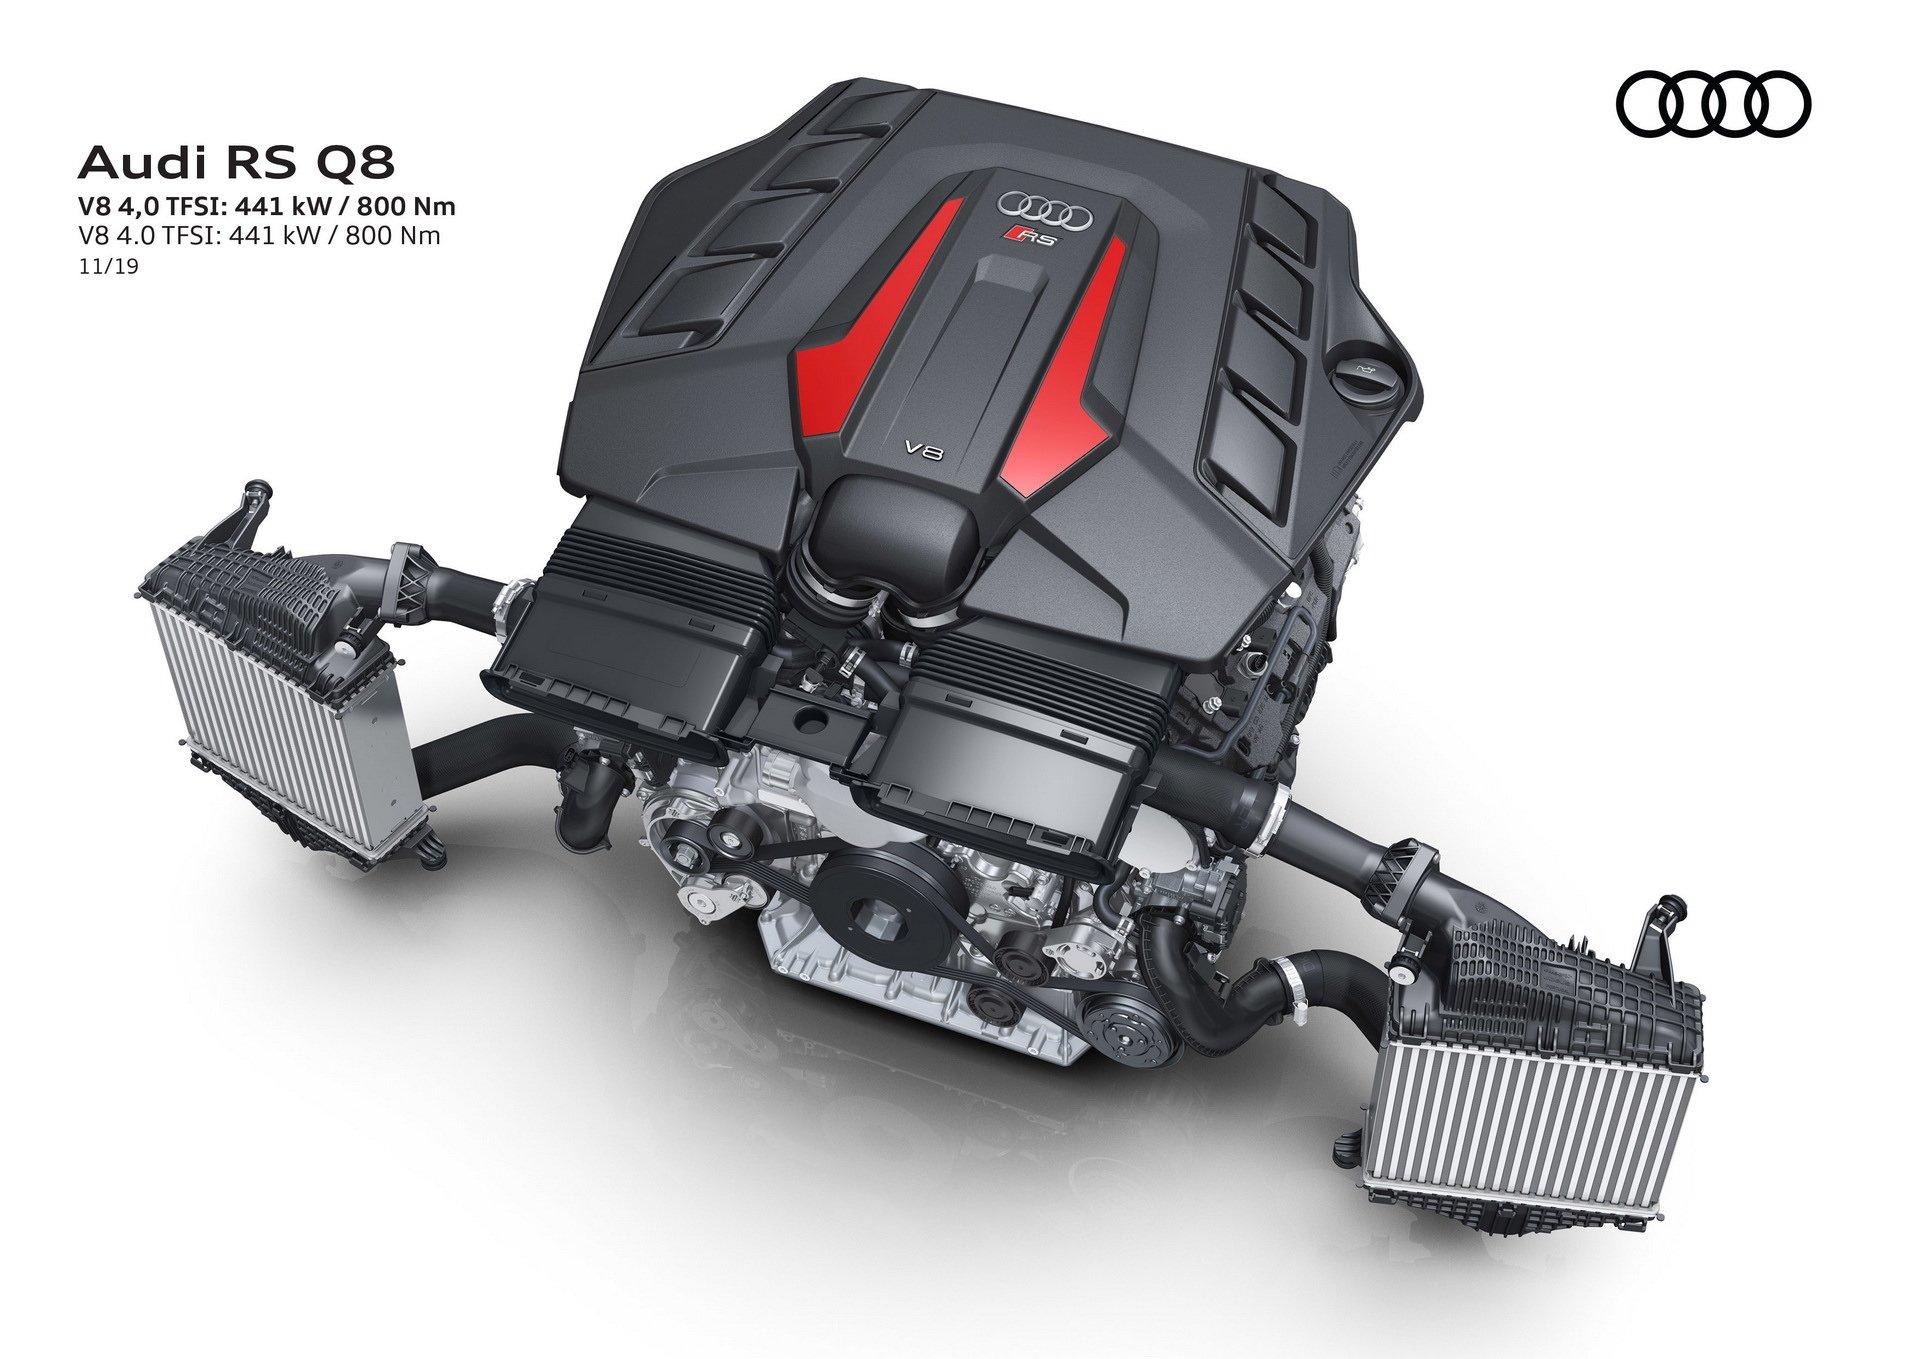 Audi-RS-Q8-80